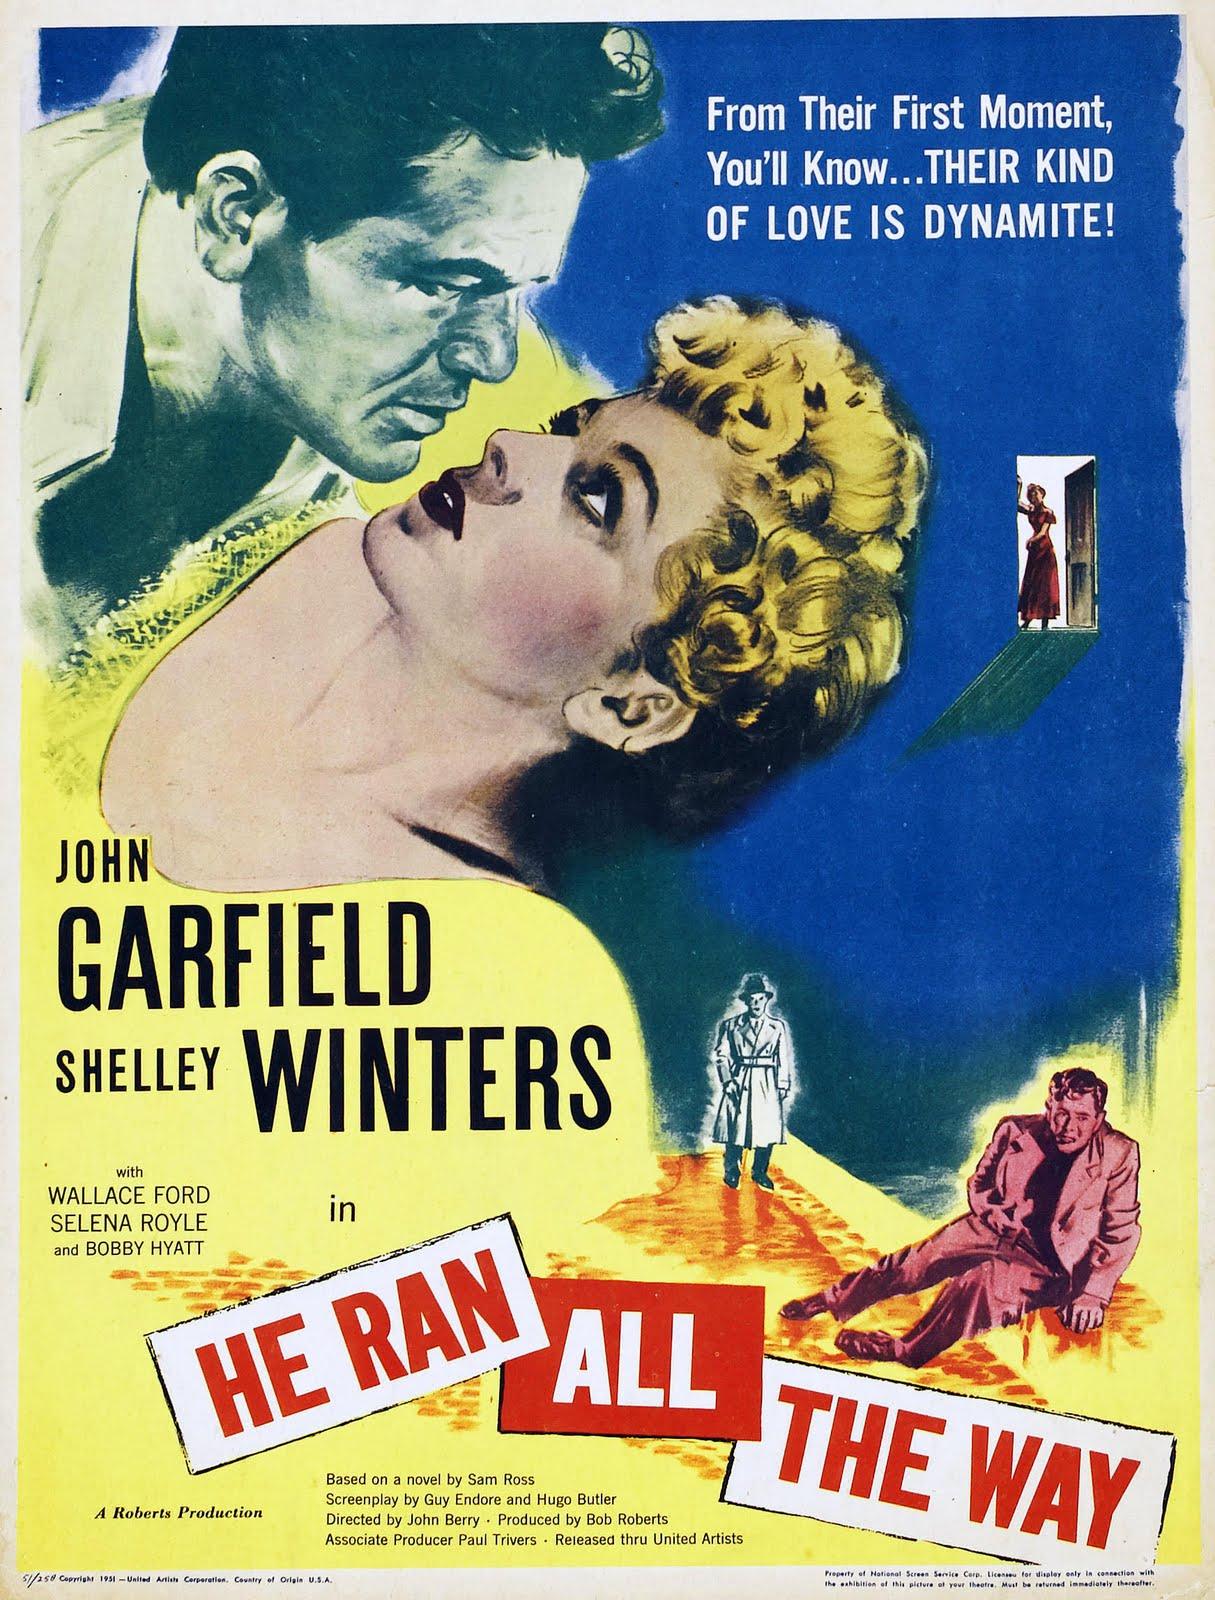 John Garfield's last film was